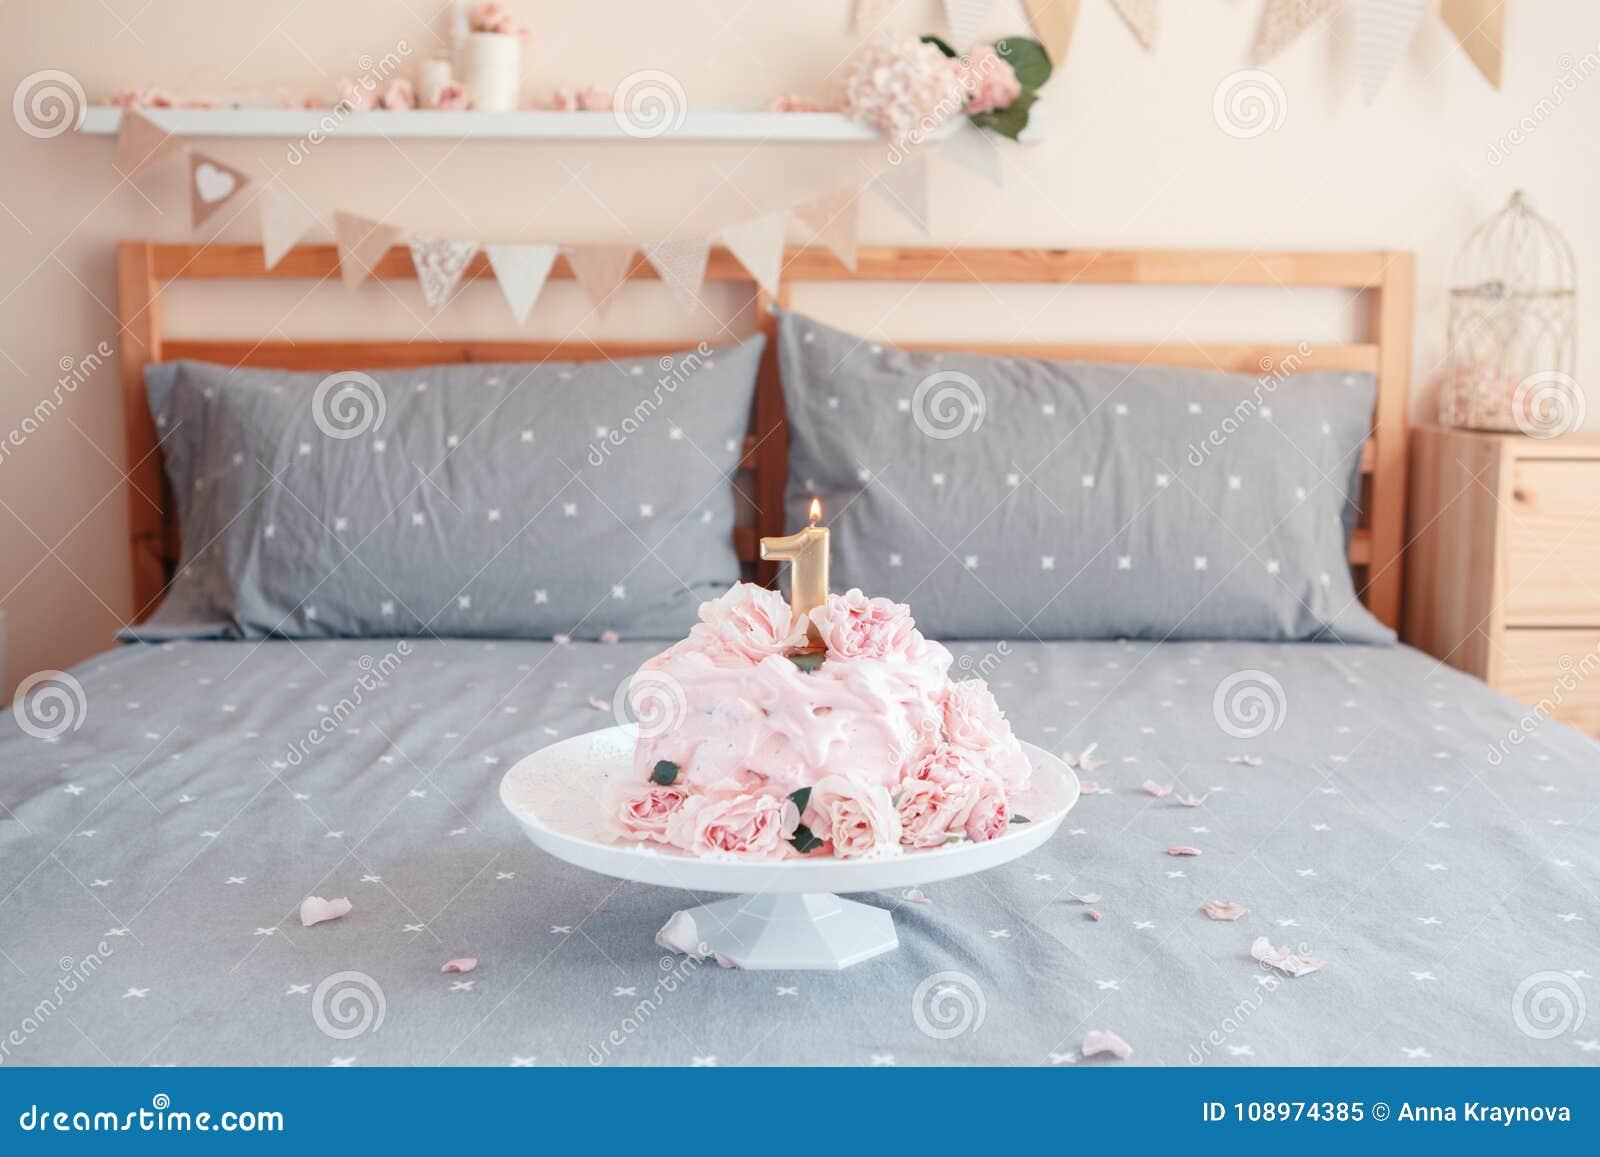 Candele Camera Da Letto : Dolce rosa con i grandi fiori rosa reali naturali e candela sul